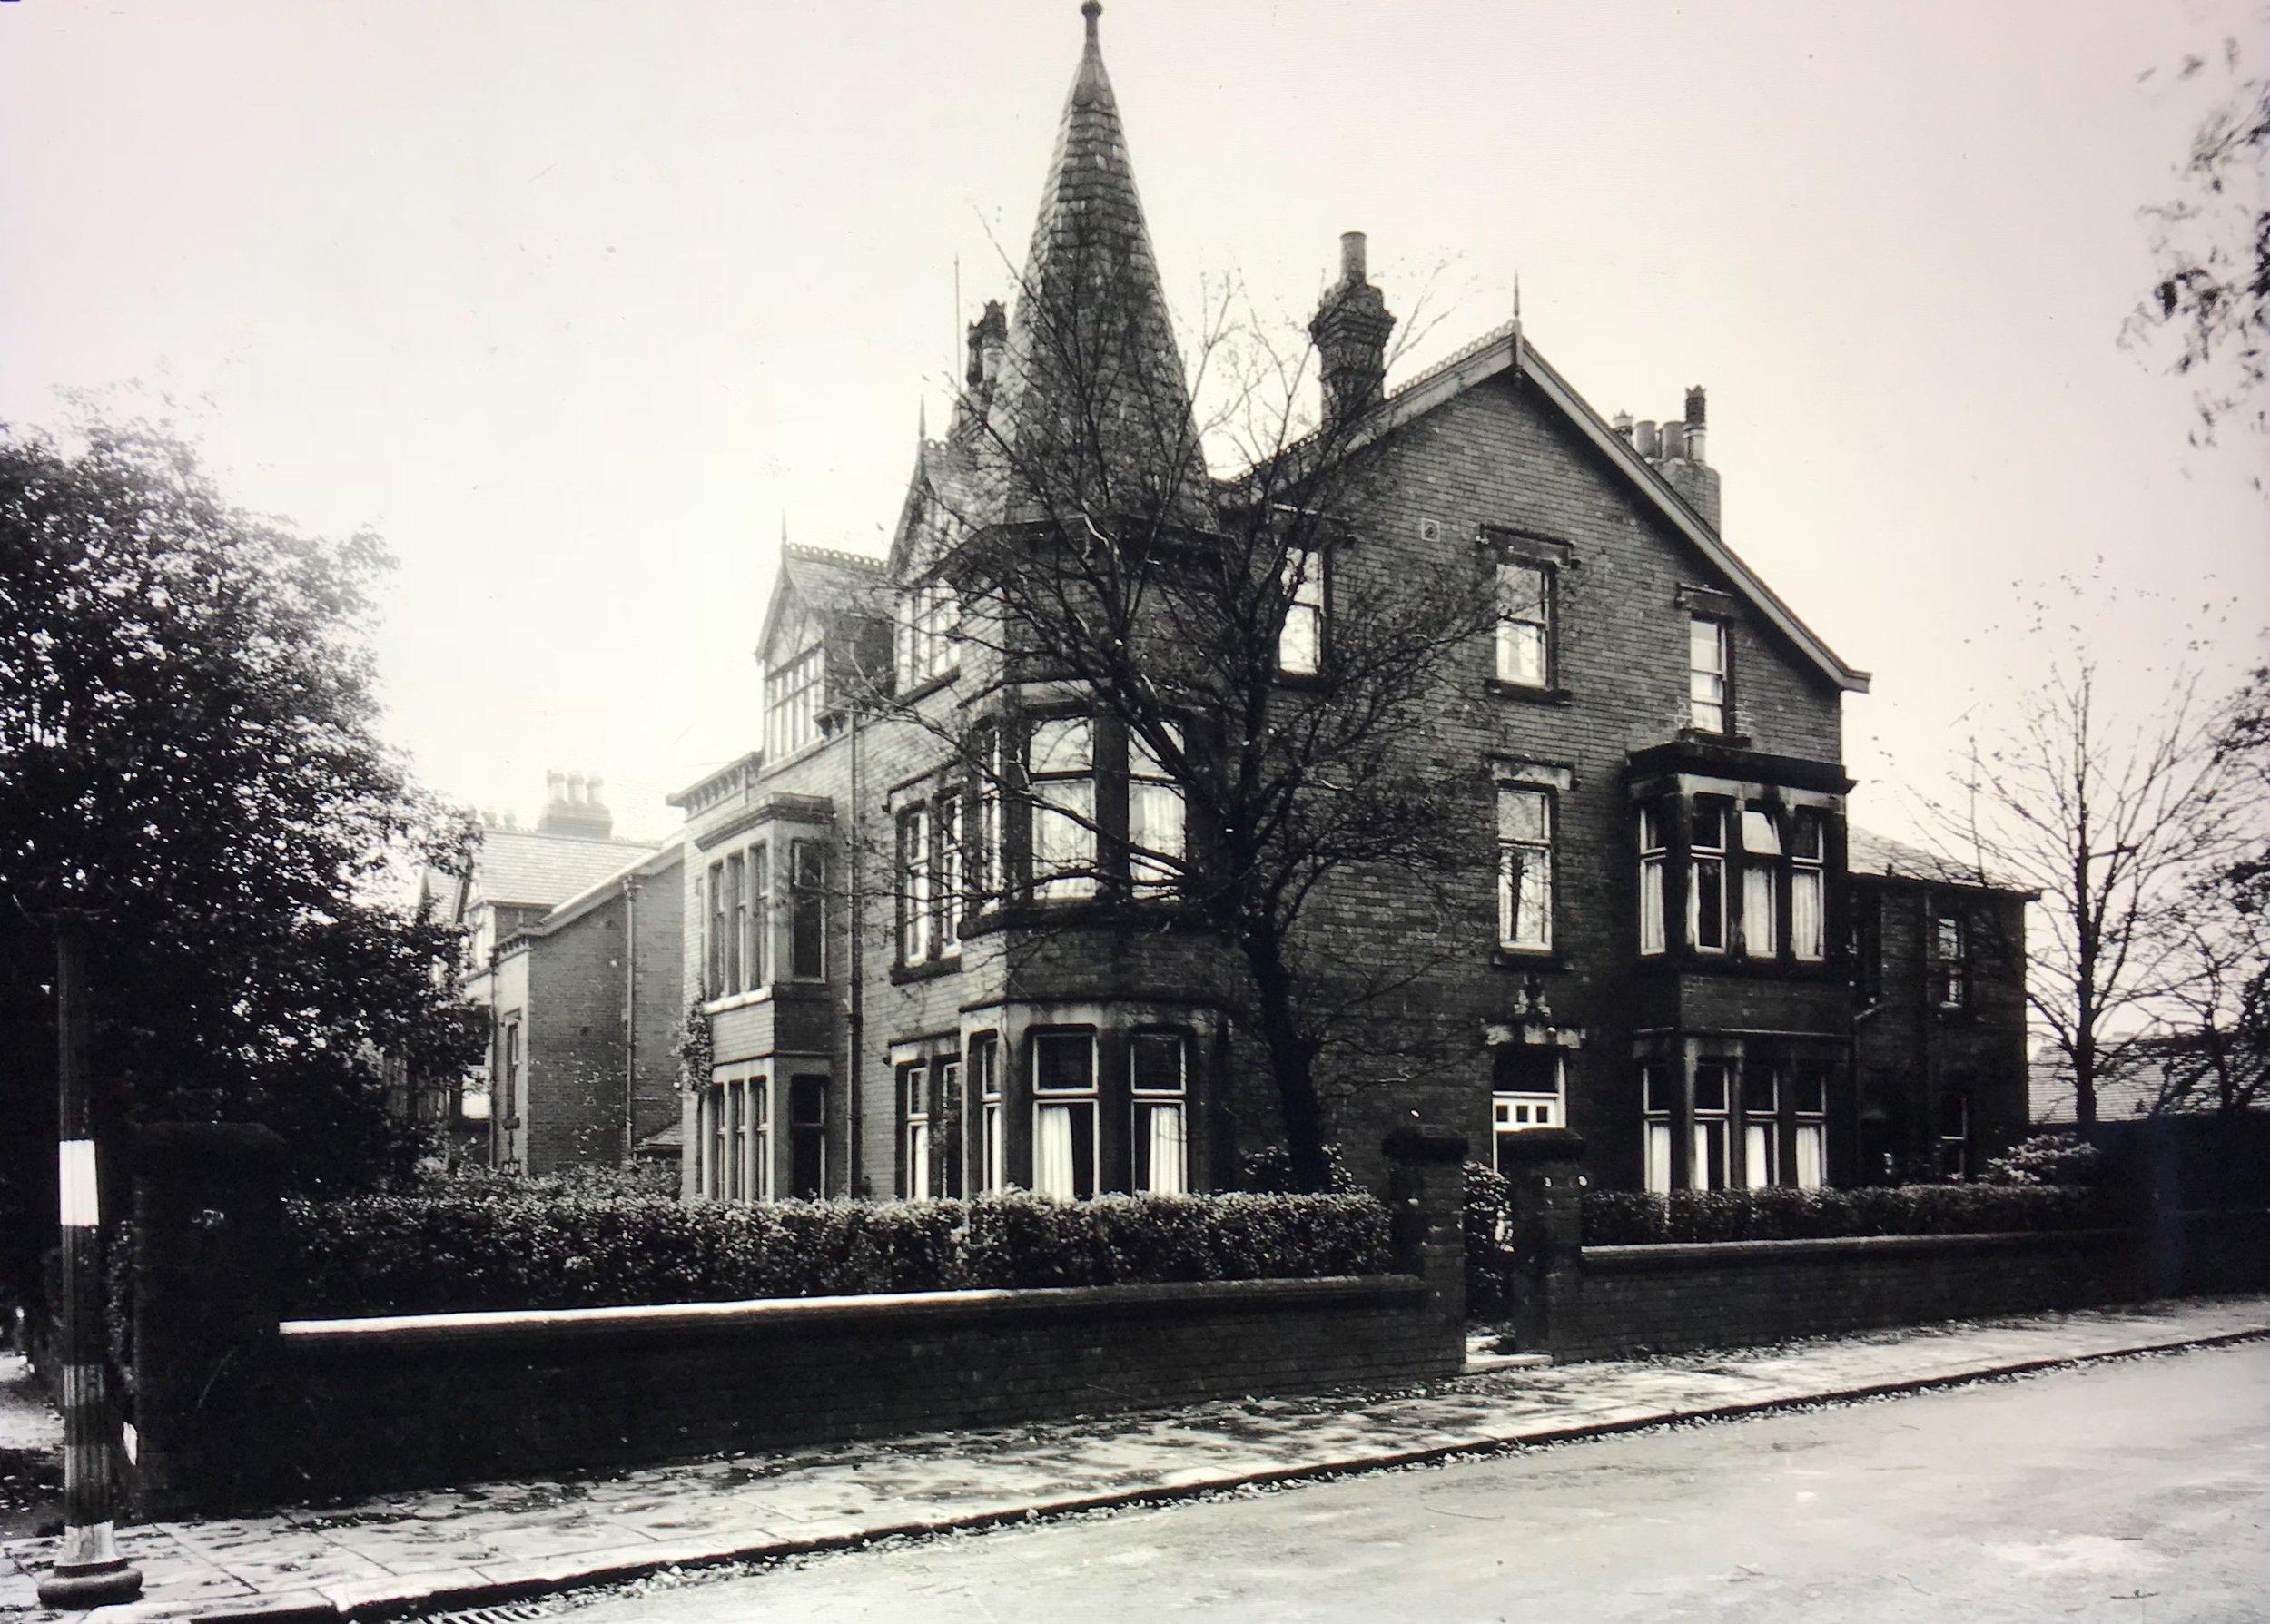 Spen Road / Darnley Road